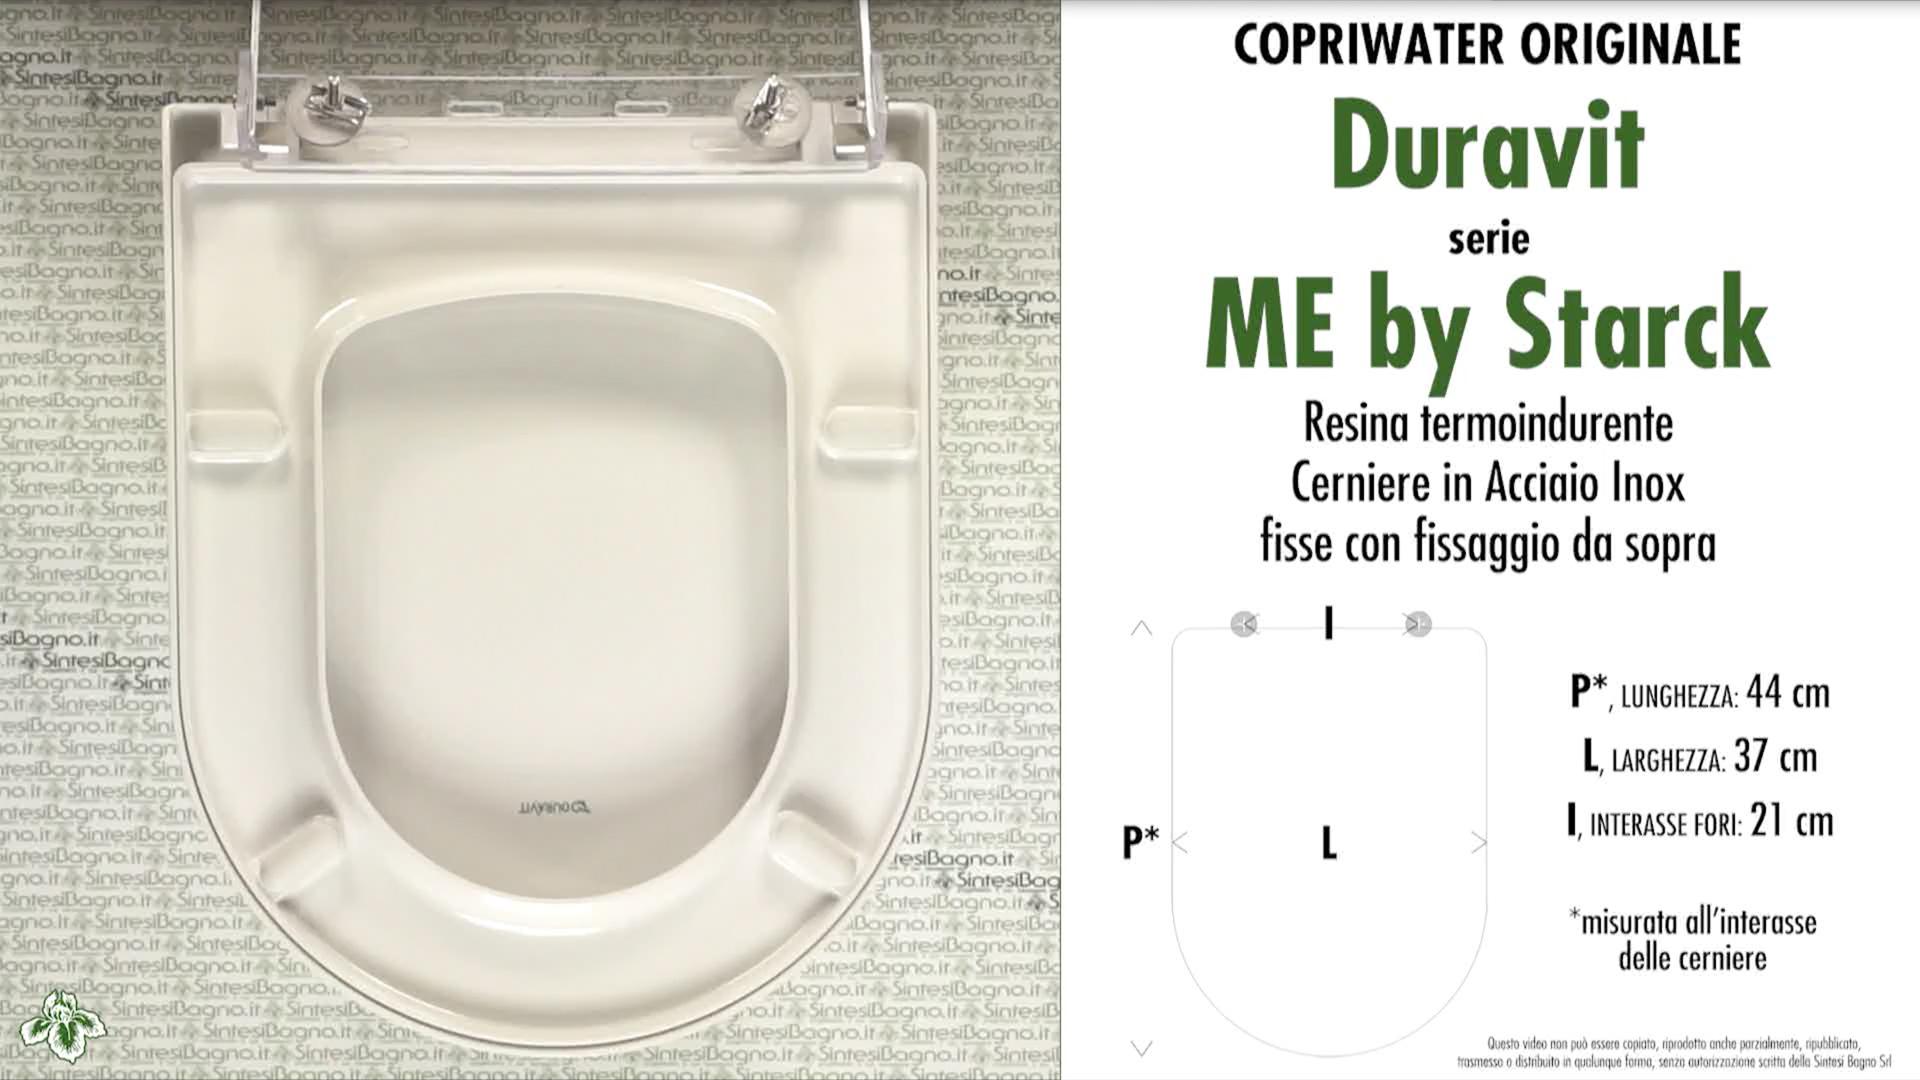 Schede tecniche Duravit ME by Starck